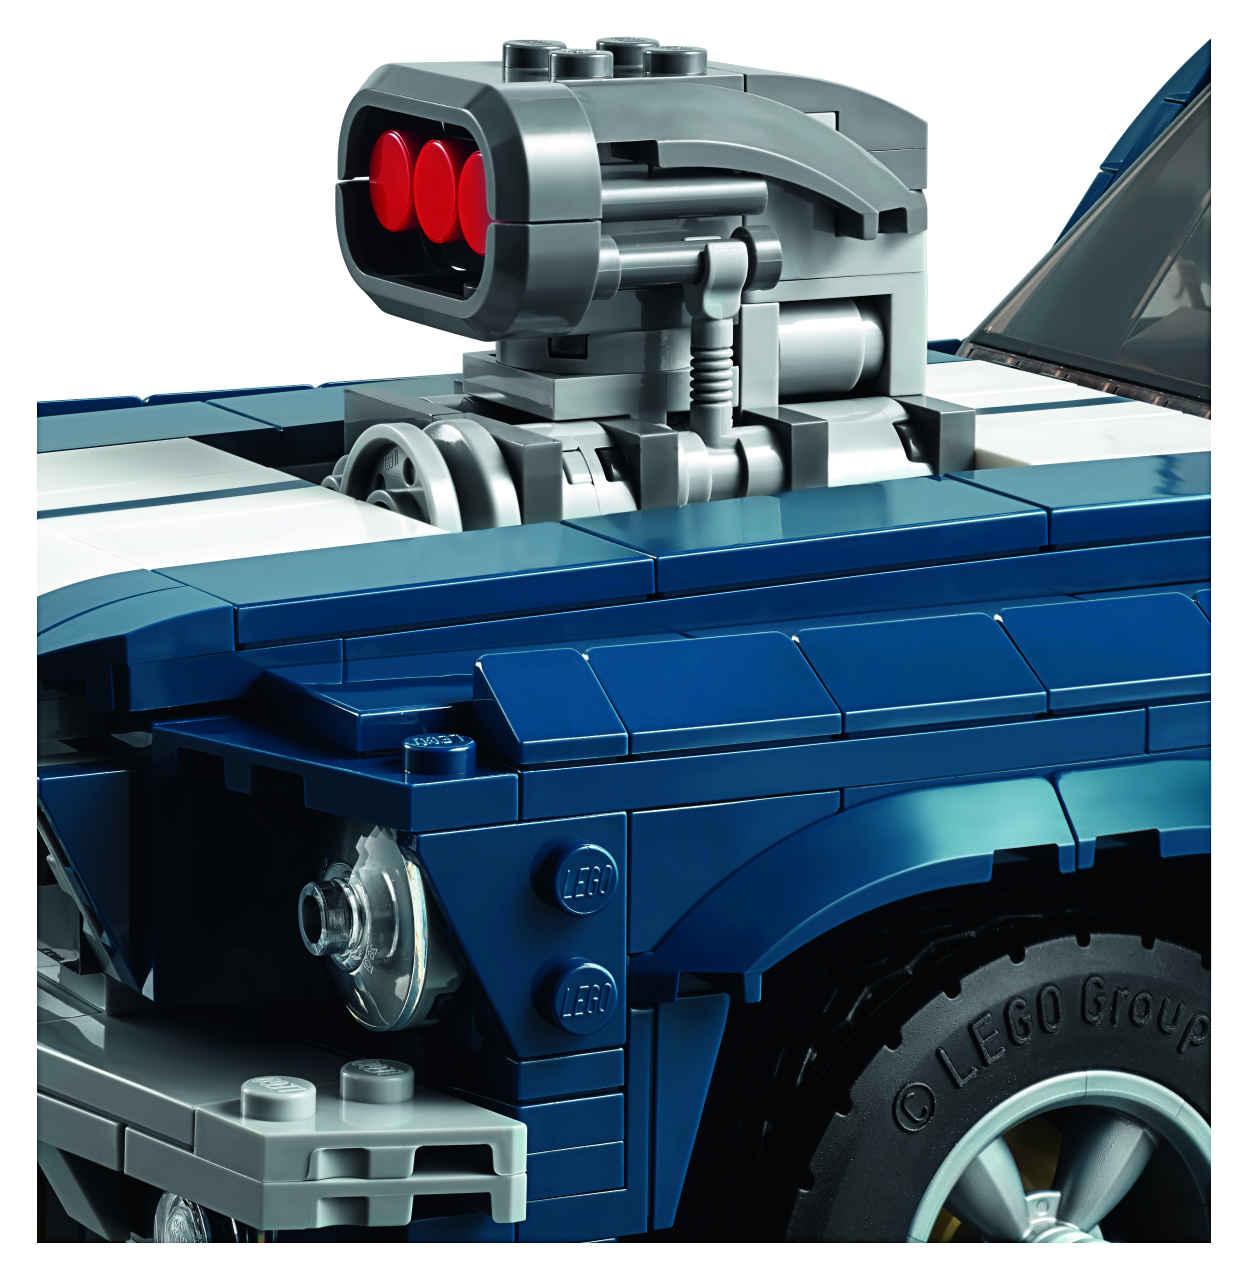 「これがレゴ? 爆走仕様にカスタムできるマスタングが世界で話題に」の6枚目の画像